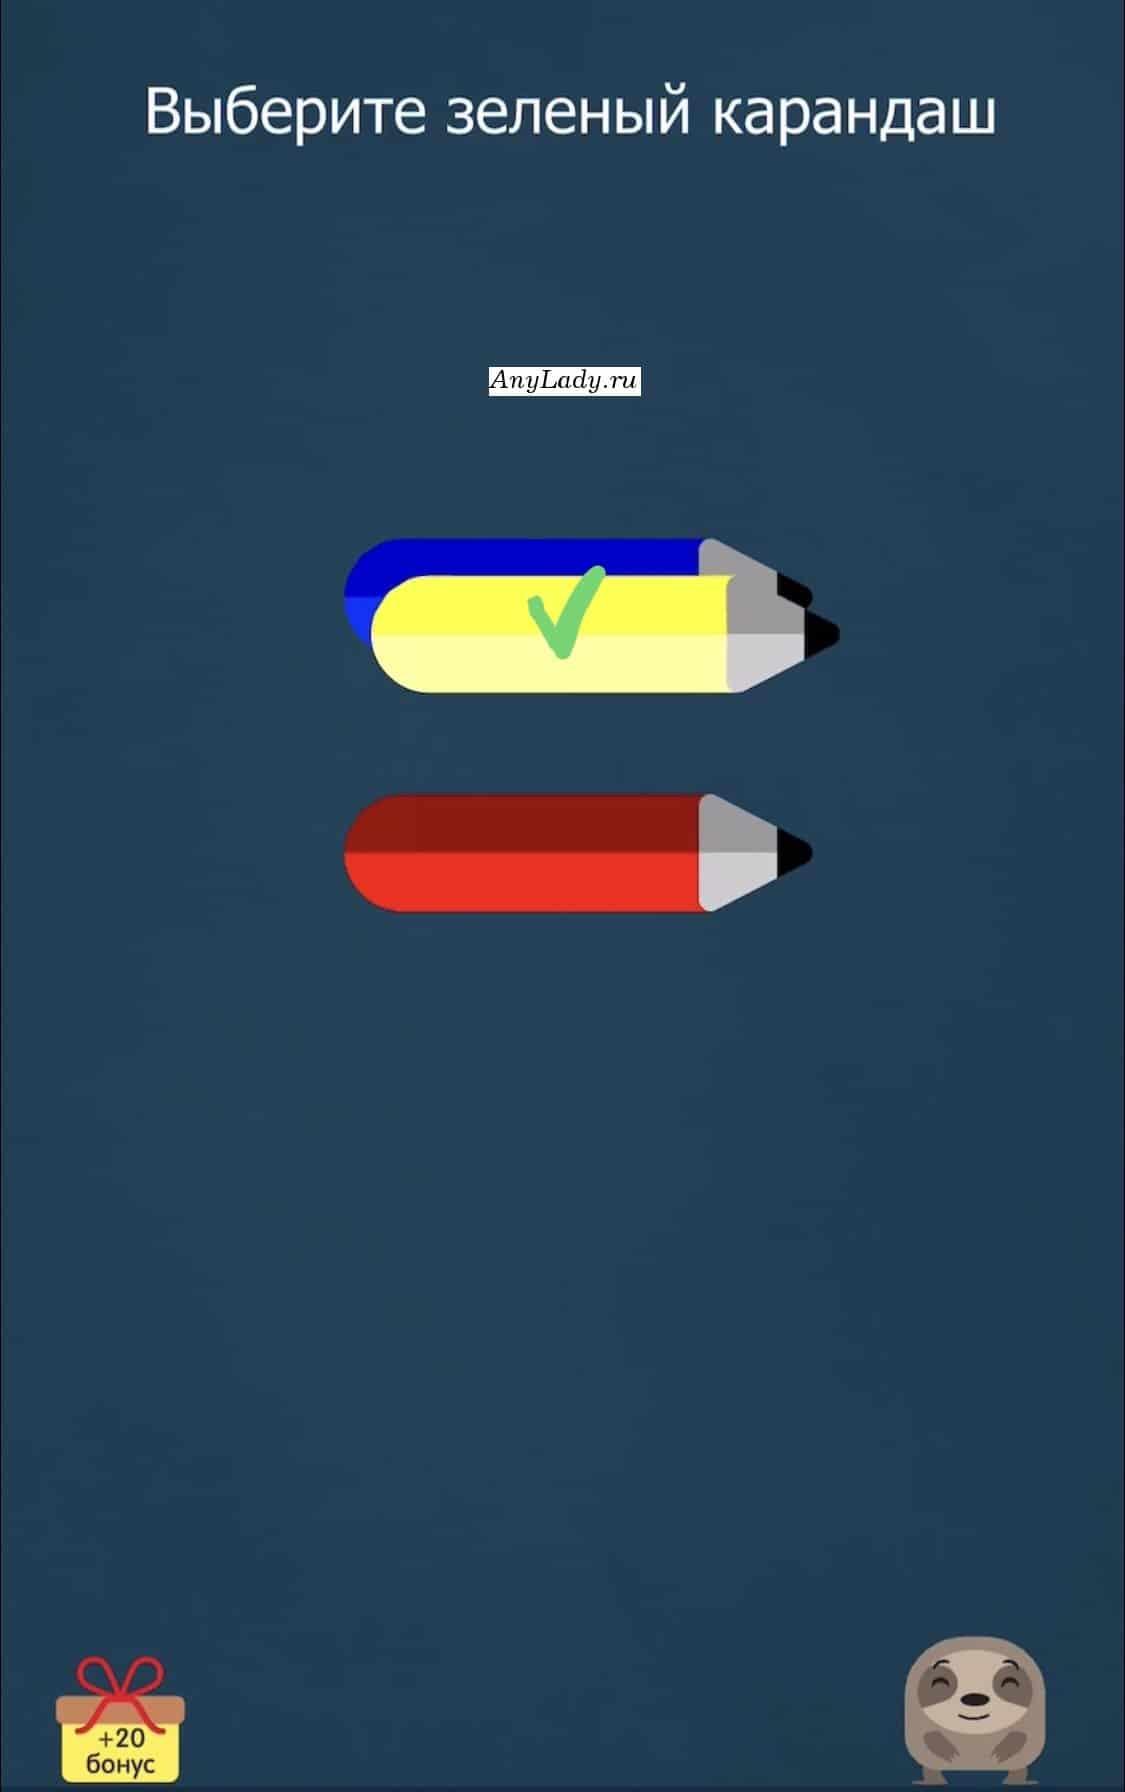 Потяните желтый карандаш и перенесите его поверх синего. Карандаши соединятся и Вы получите нужный оттенок.